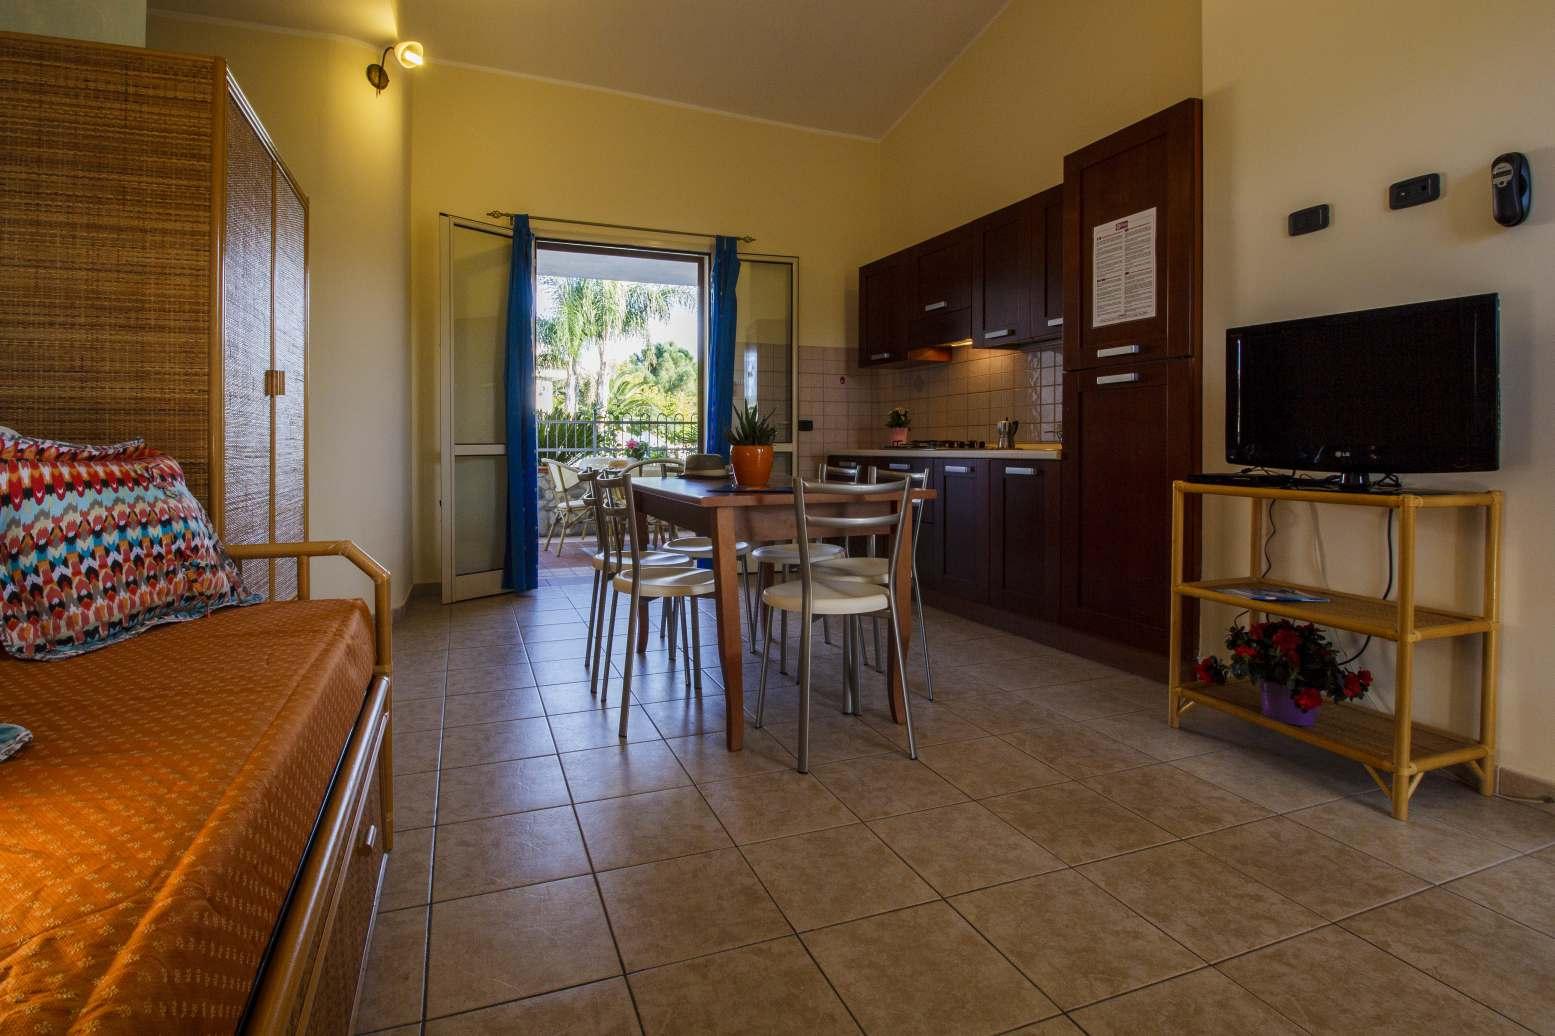 appartamenti-vista-piscina-in-depandance-a-250-mt-soggiorno ...